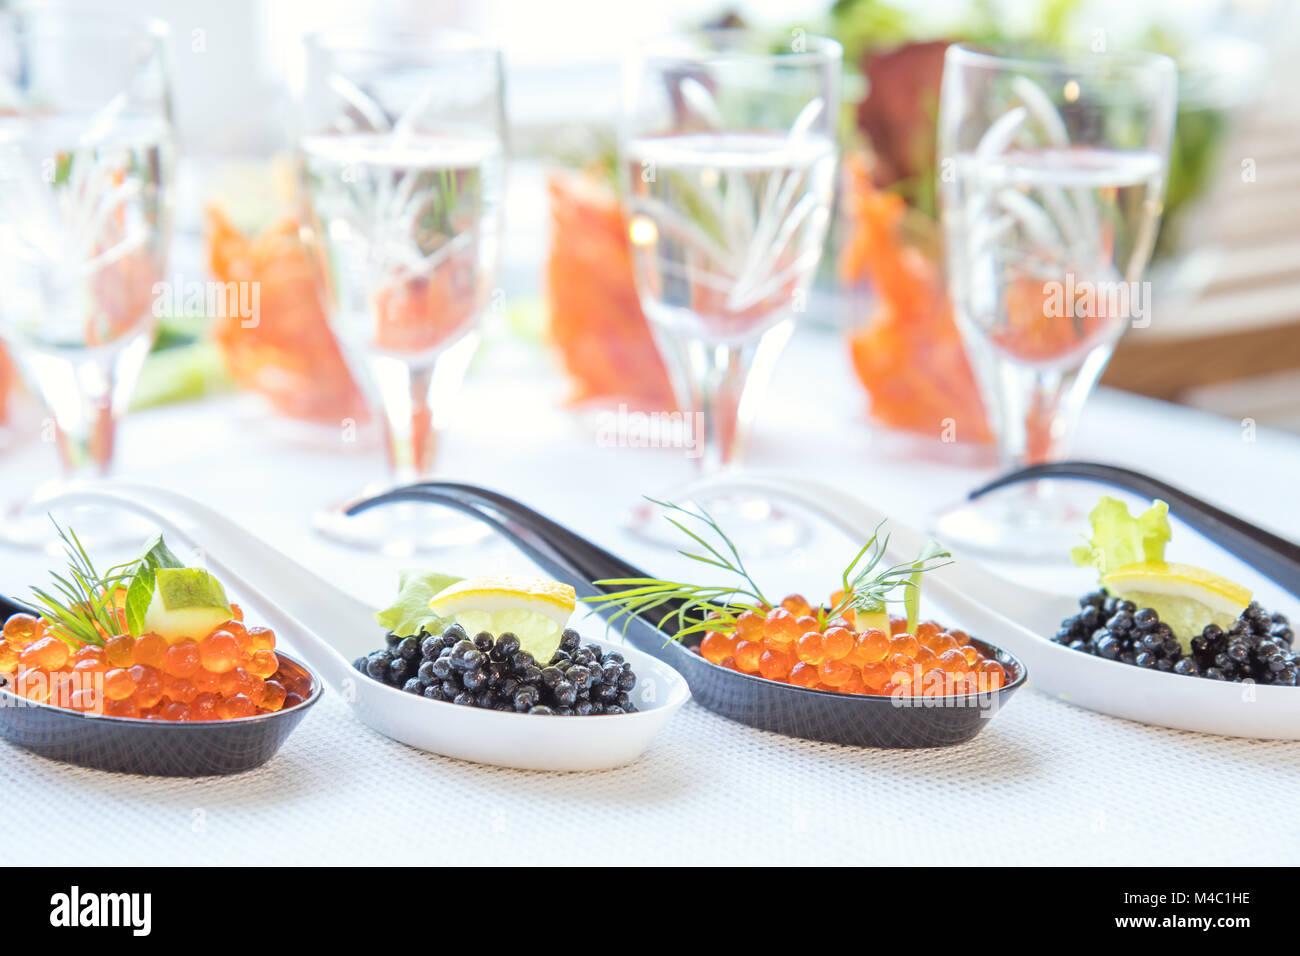 Caviar rojo y negro pescado en blanco, negro cucharas Imagen De Stock